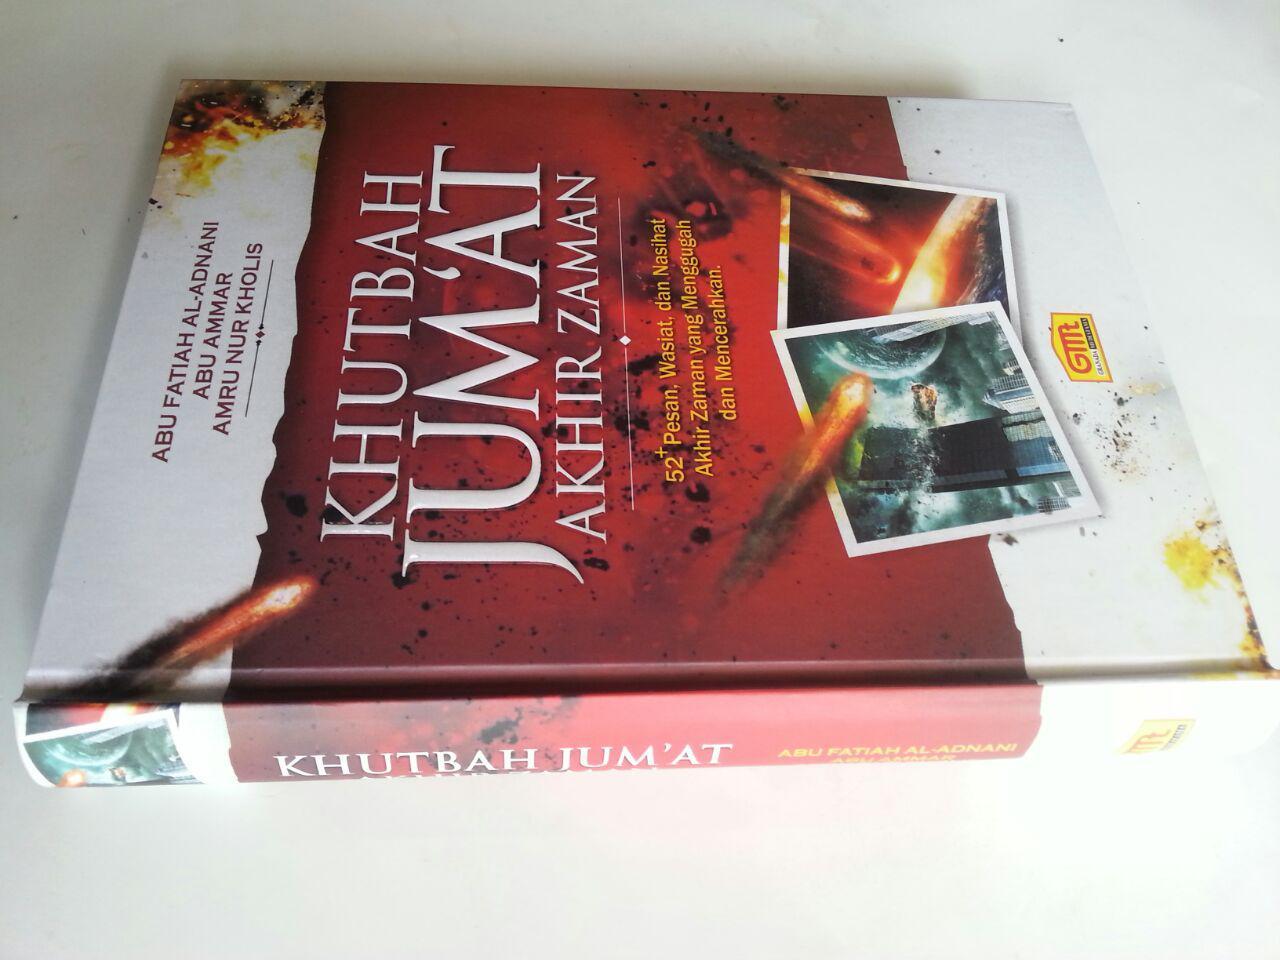 Buku Khutbah Jum'at Akhir Zaman 52 Pesan Wasiat Nasihat Menggugah cover